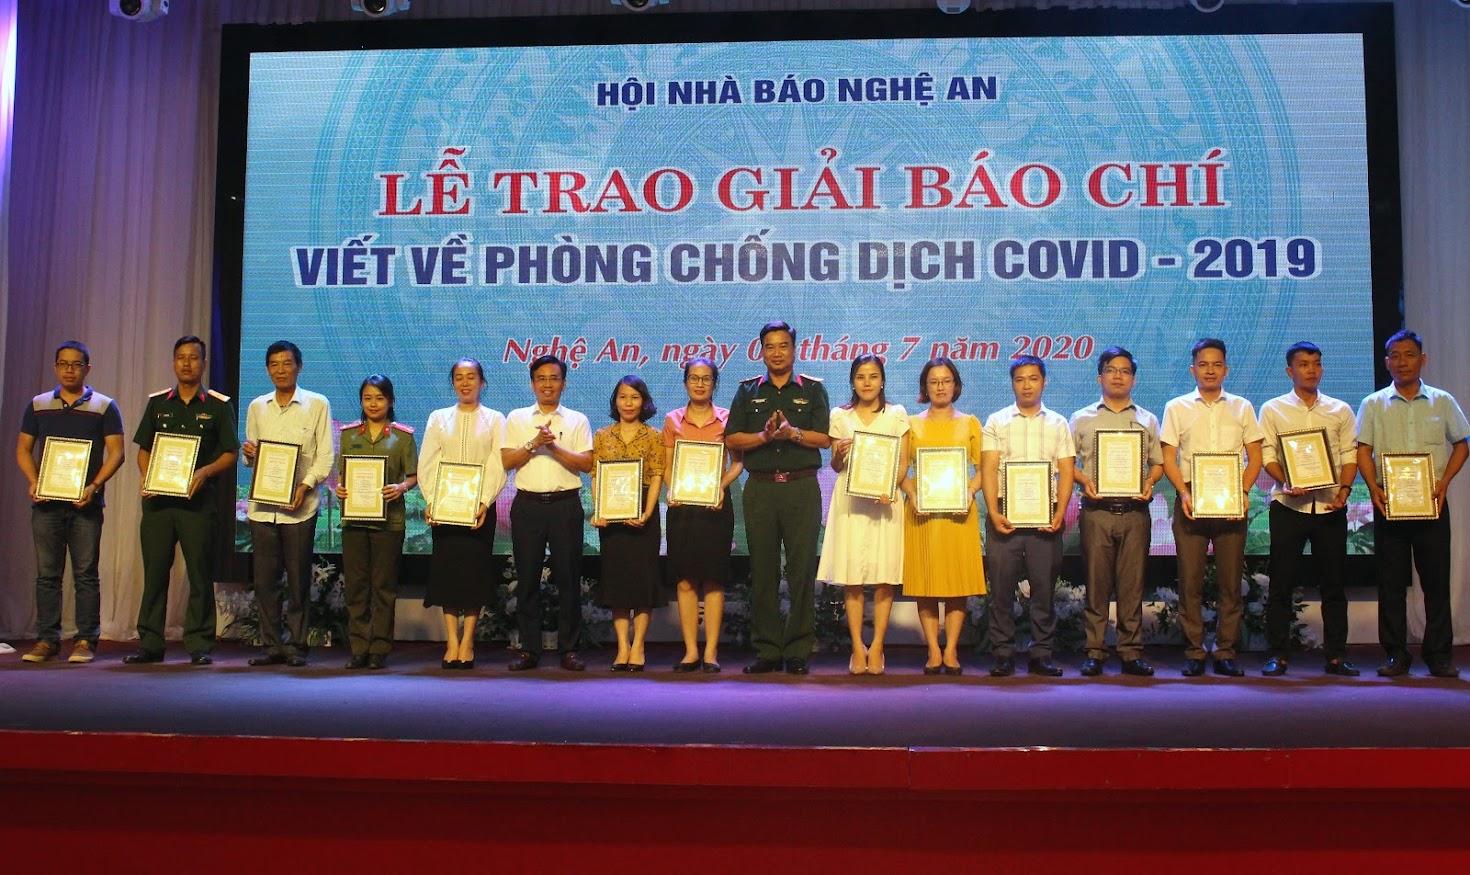 Lãnh đạo Sở Thông tin và truyền thông, Bộ Chỉ huy Quân sự tỉnh trao giải Khuyến khích cho các tác giả